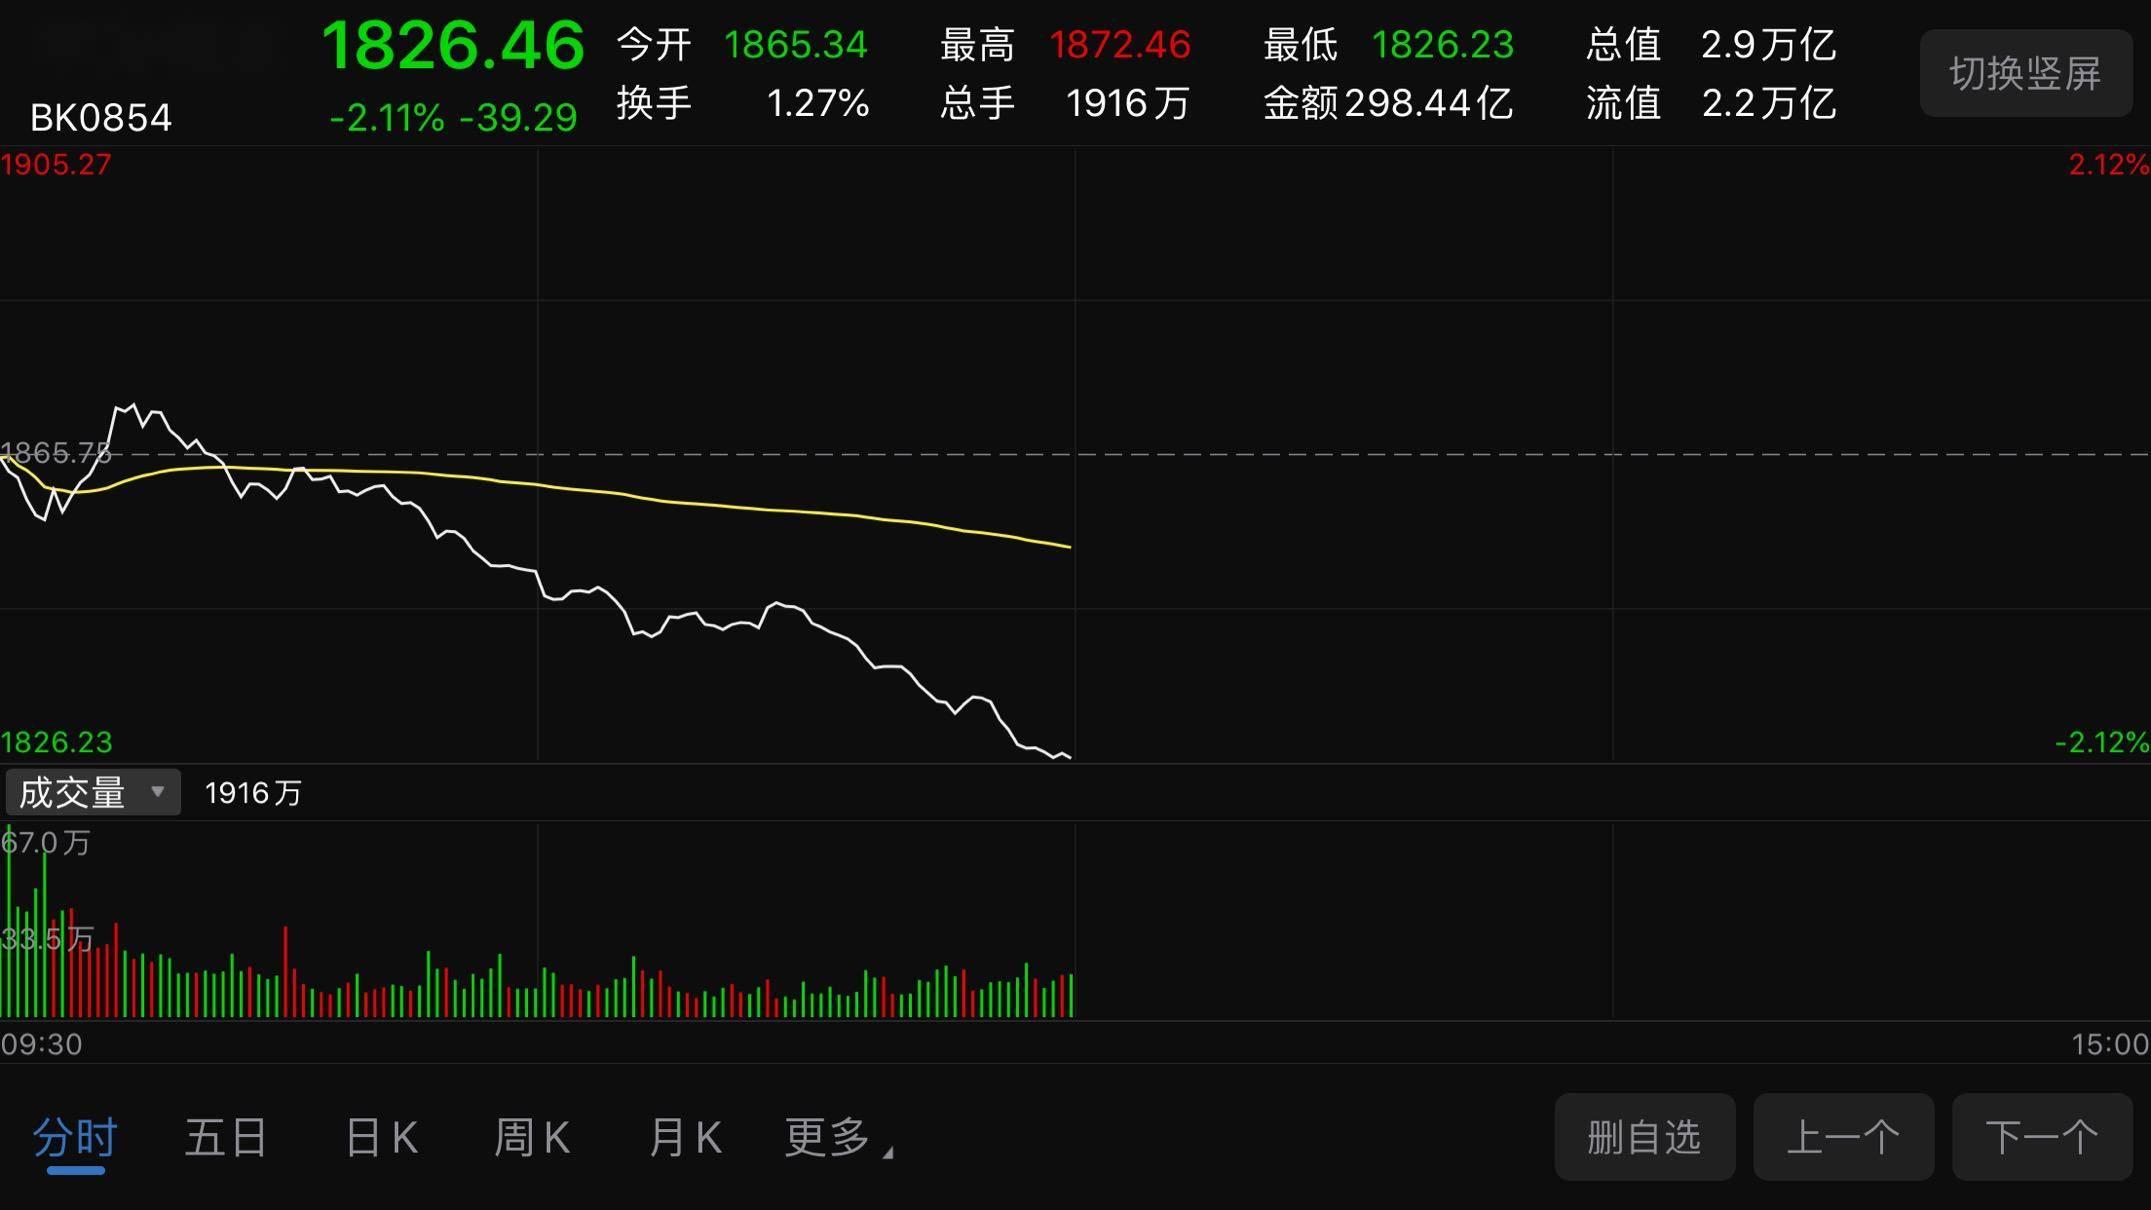 『板塊』149家華為概念股集體翻綠 板塊跌幅擴大至2.11%,